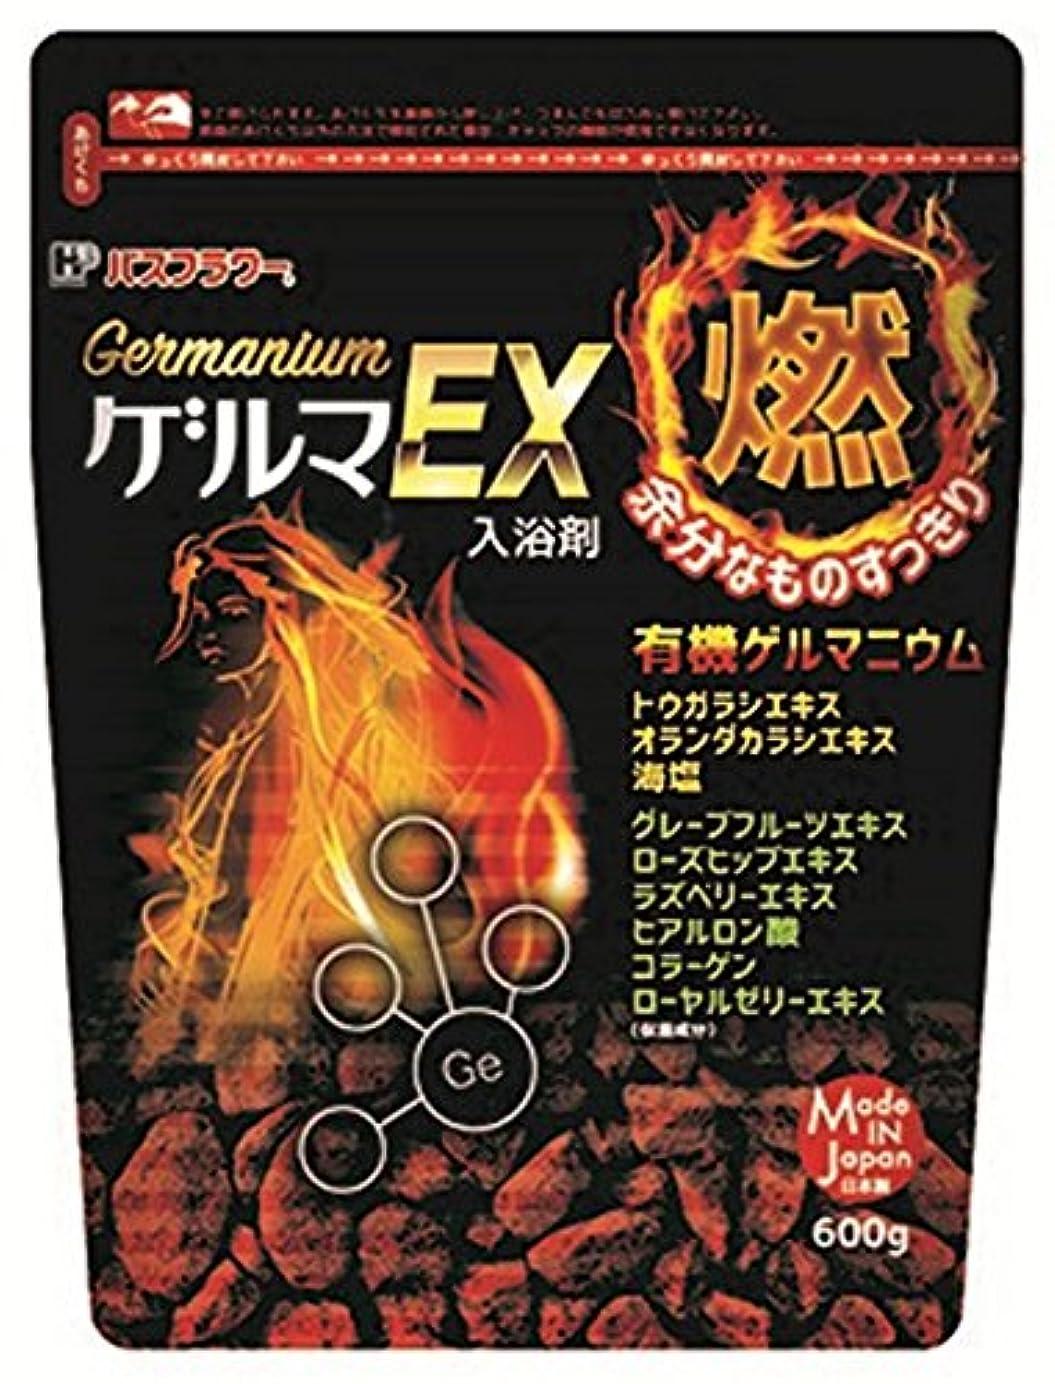 委員長釈義ダイアクリティカルヘルス バスフラワー 入浴剤 発汗促進タイプ ゲルマEX 600g